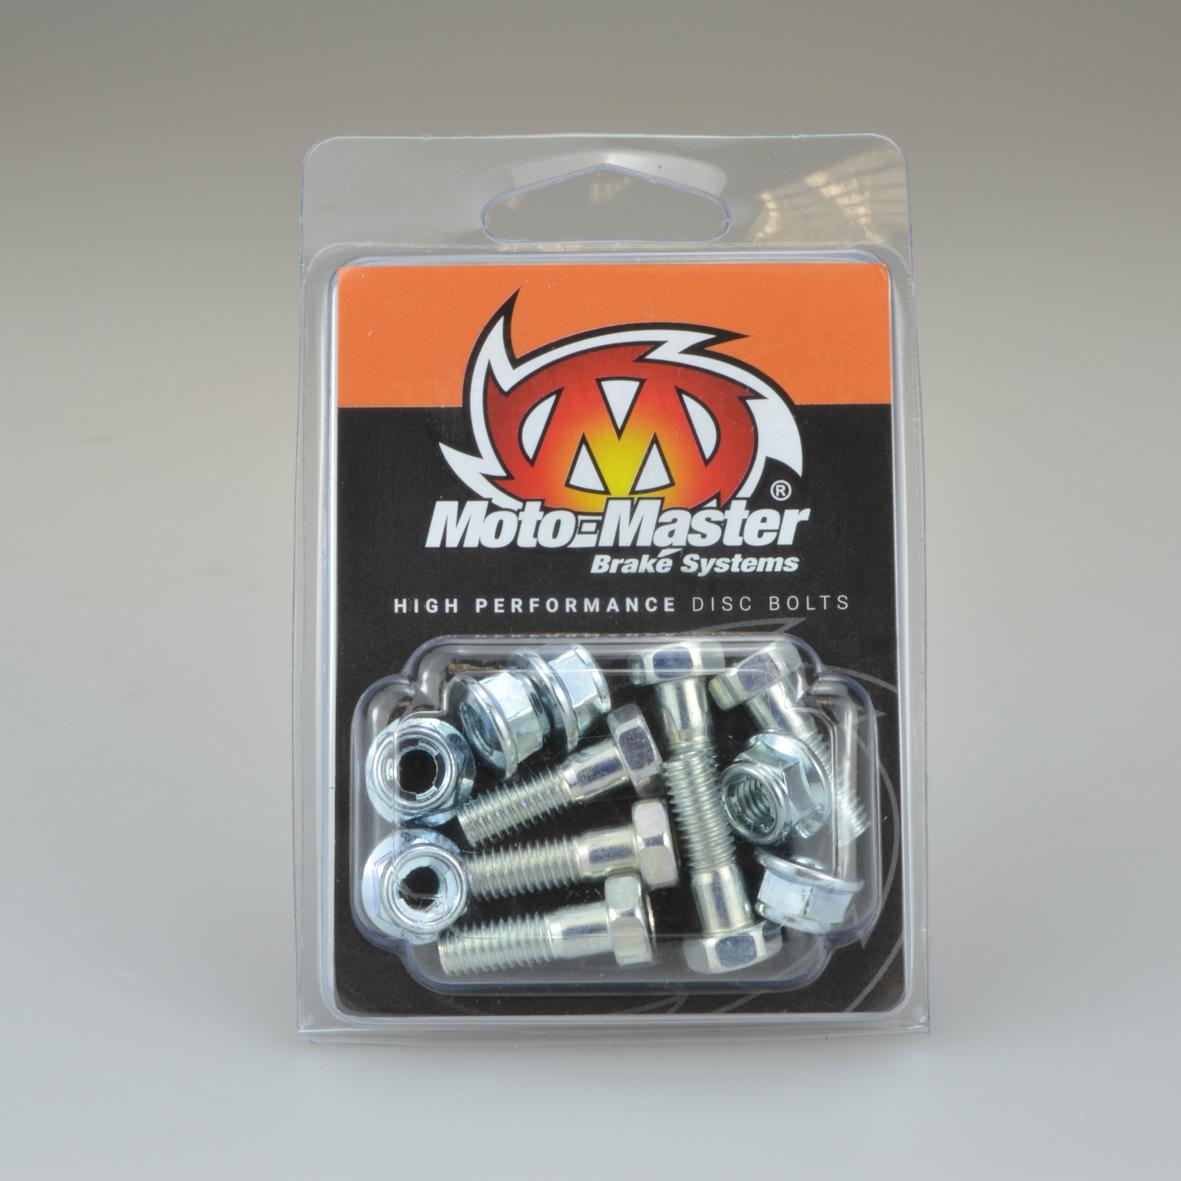 motomaster-disc-bolts-2.jpg#asset:14458